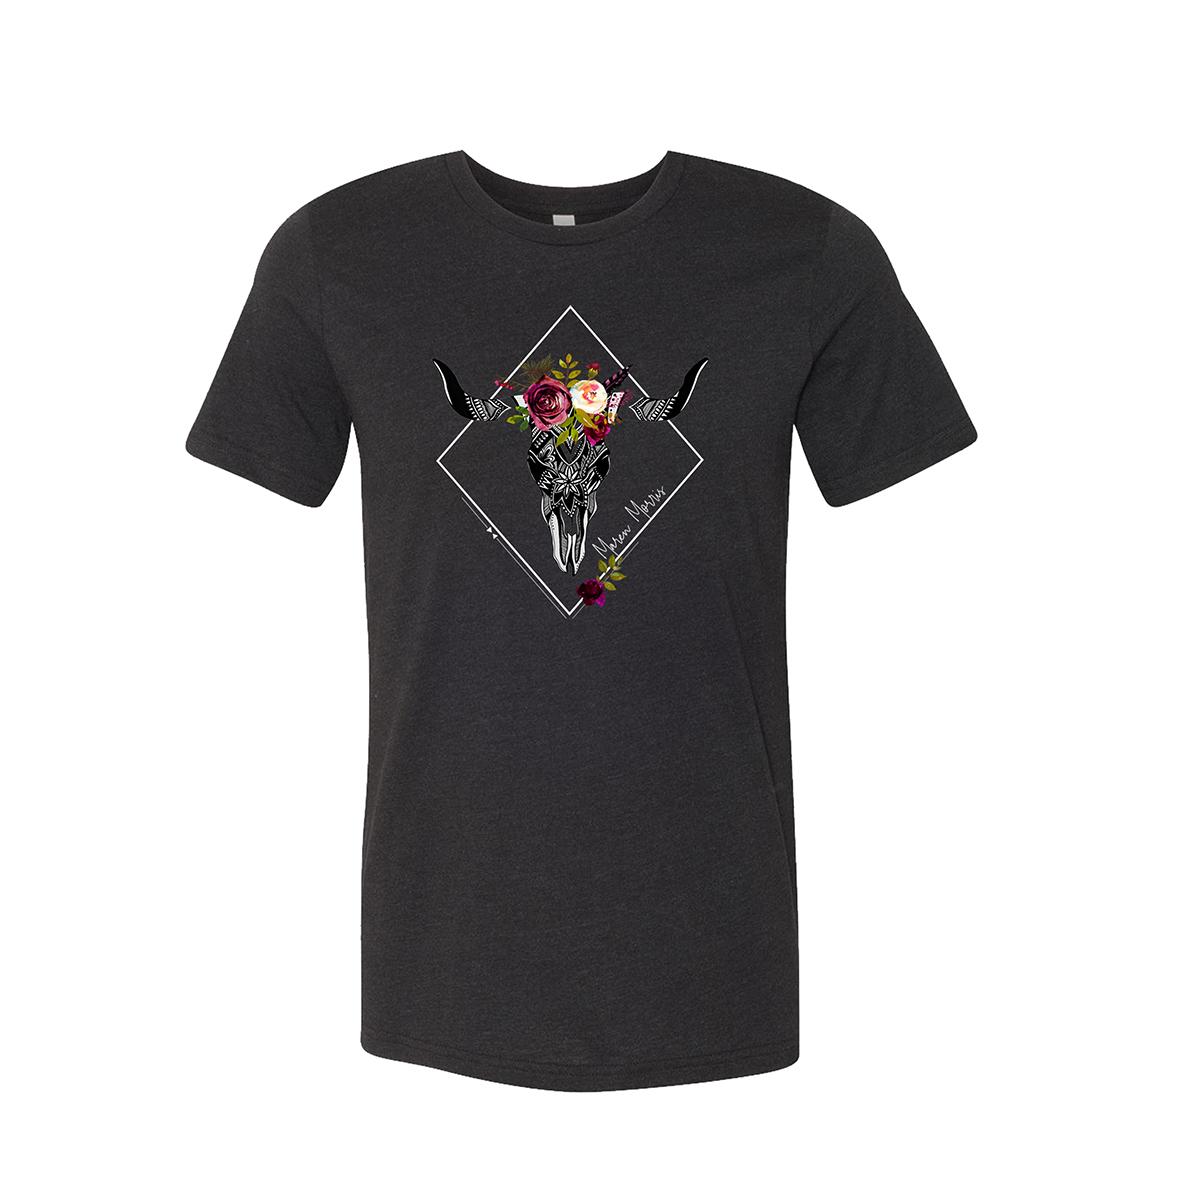 Maren Morris Flower T-shirt